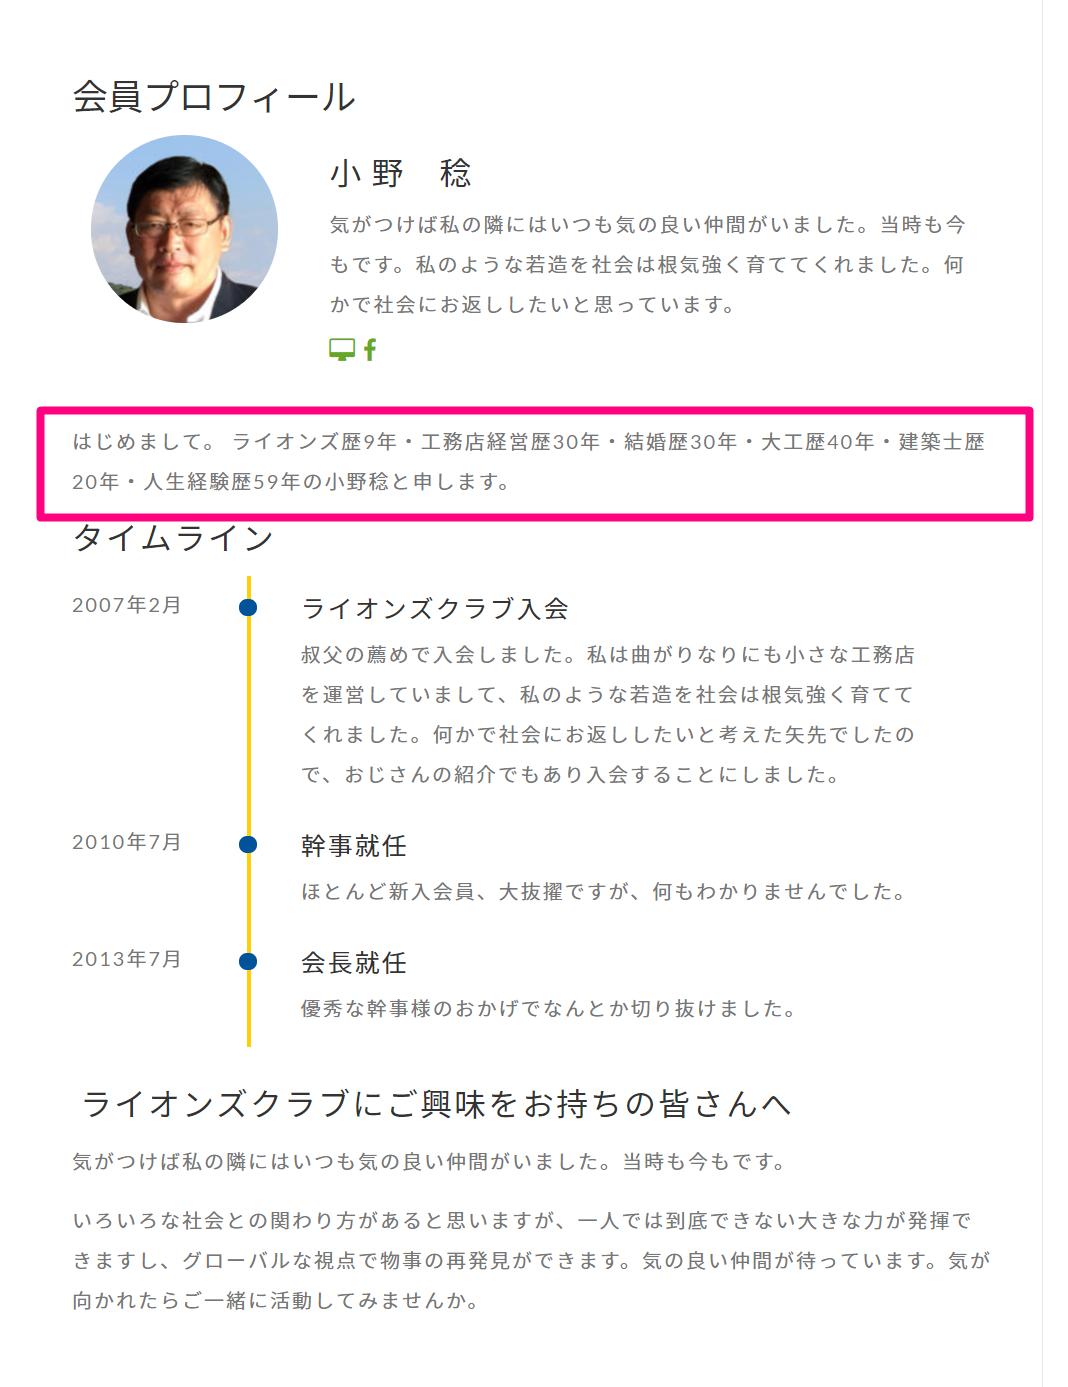 メンバー編集9